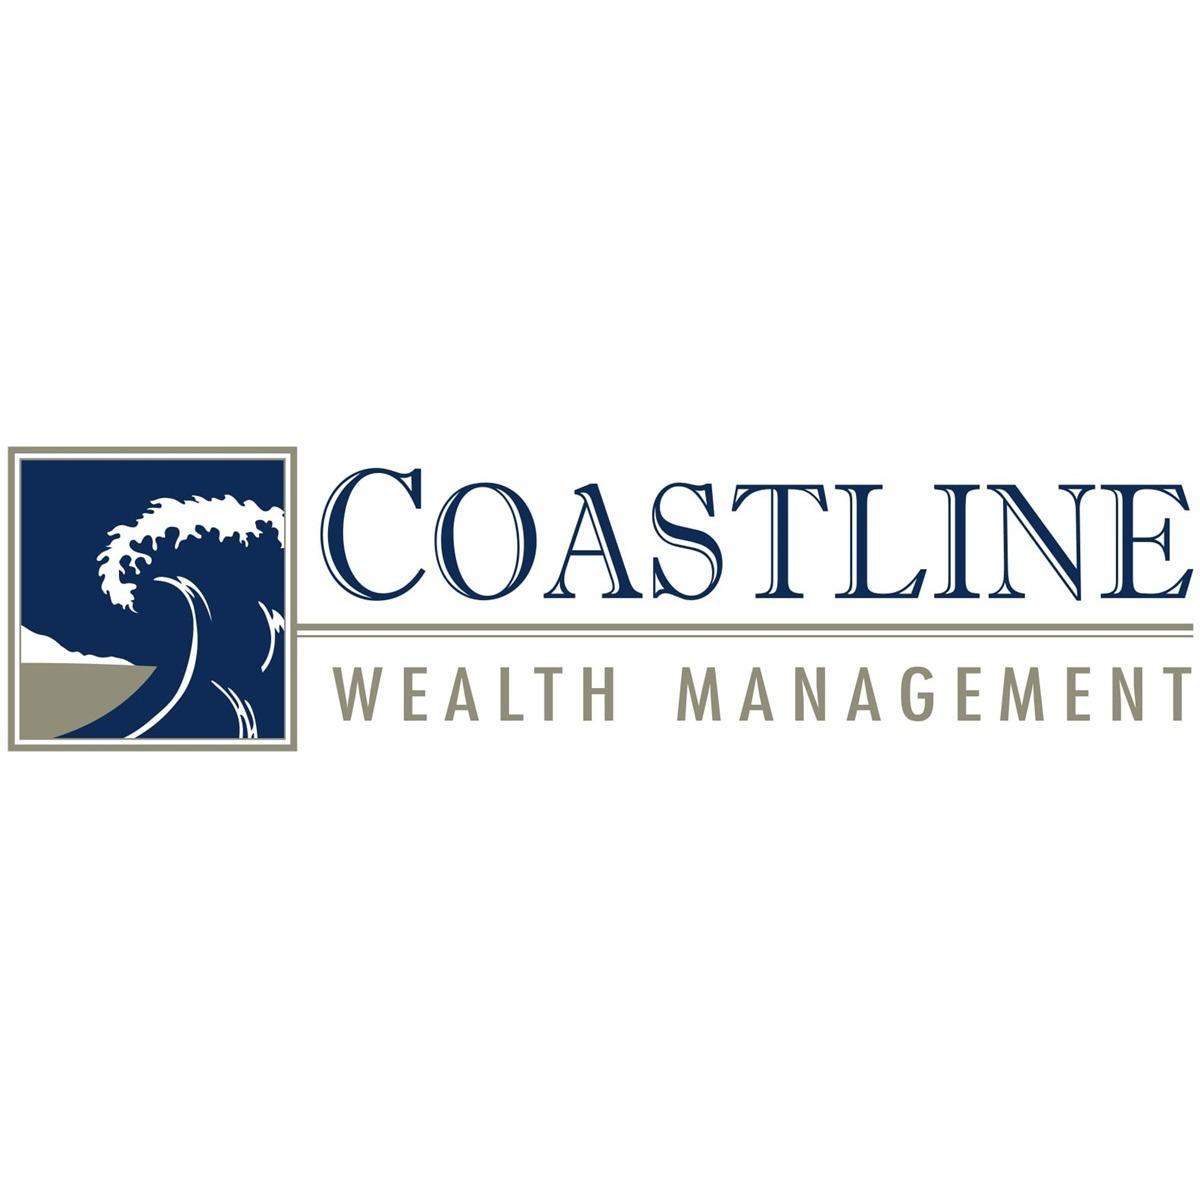 Coastline Wealth Management image 19